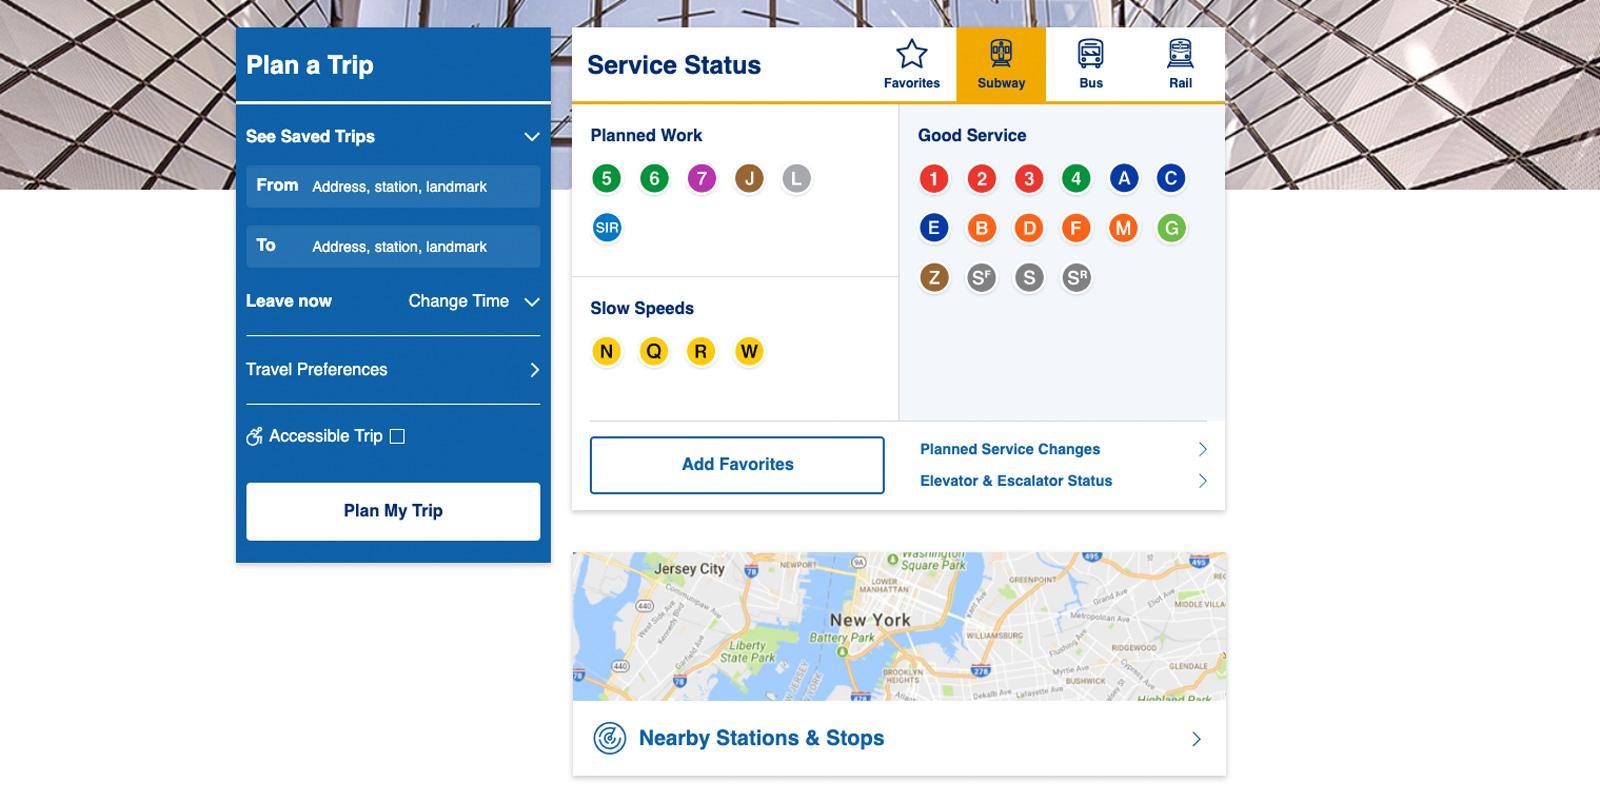 Metrocard New York Kaufen Subway Fahren Das Beste Ticket Video